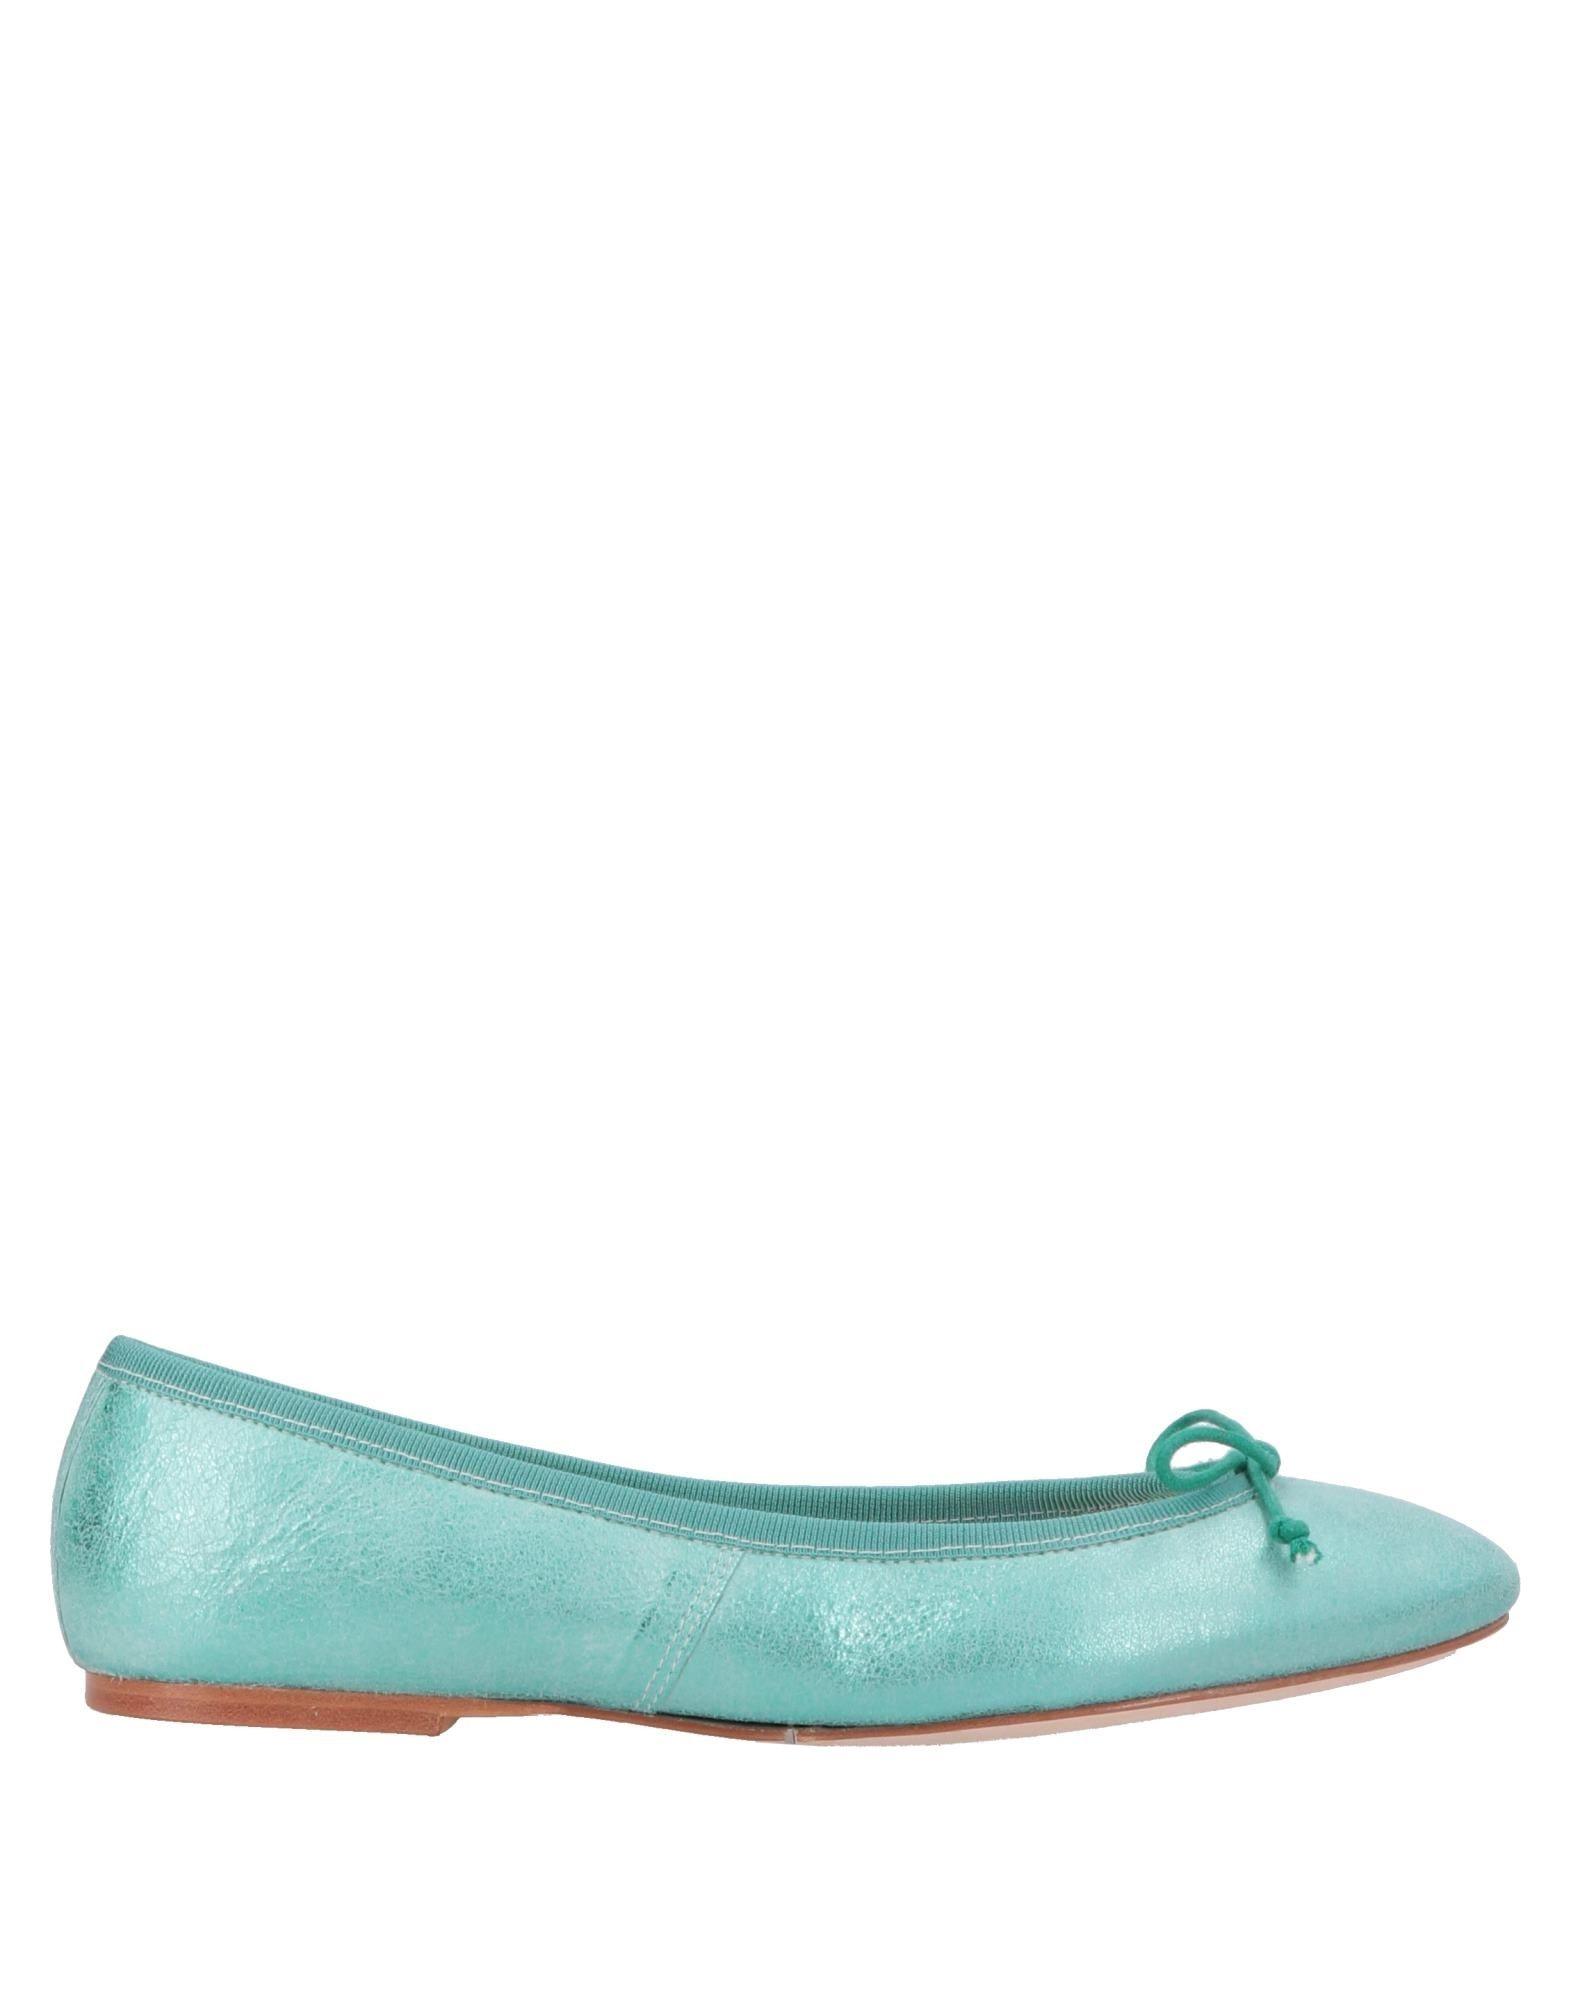 Bruschi Ballet Flats - Women Bruschi Ballet Flats - online on  Australia - Flats 11586556EH 21a056